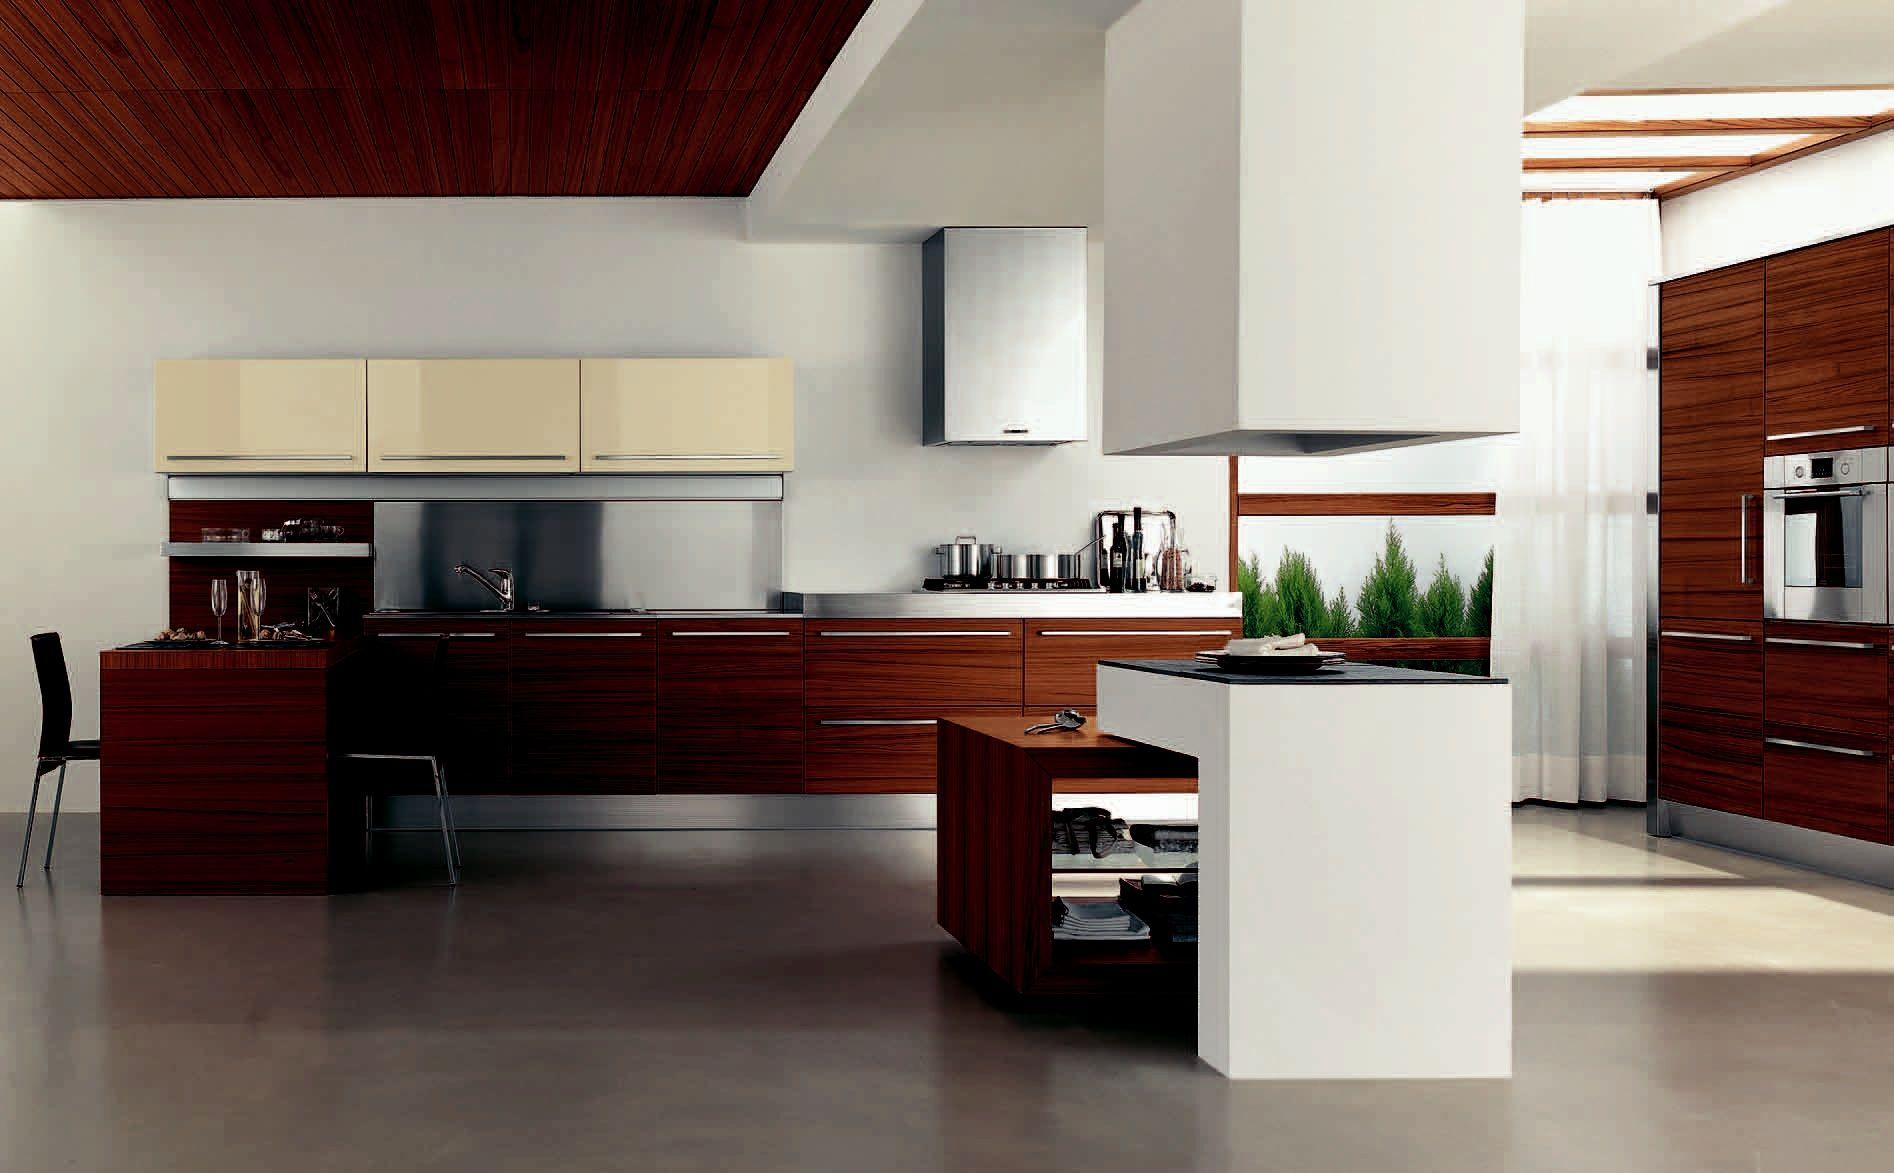 Modern Geo Kitchen Design Hd Interior Pinterest Kitchen Design